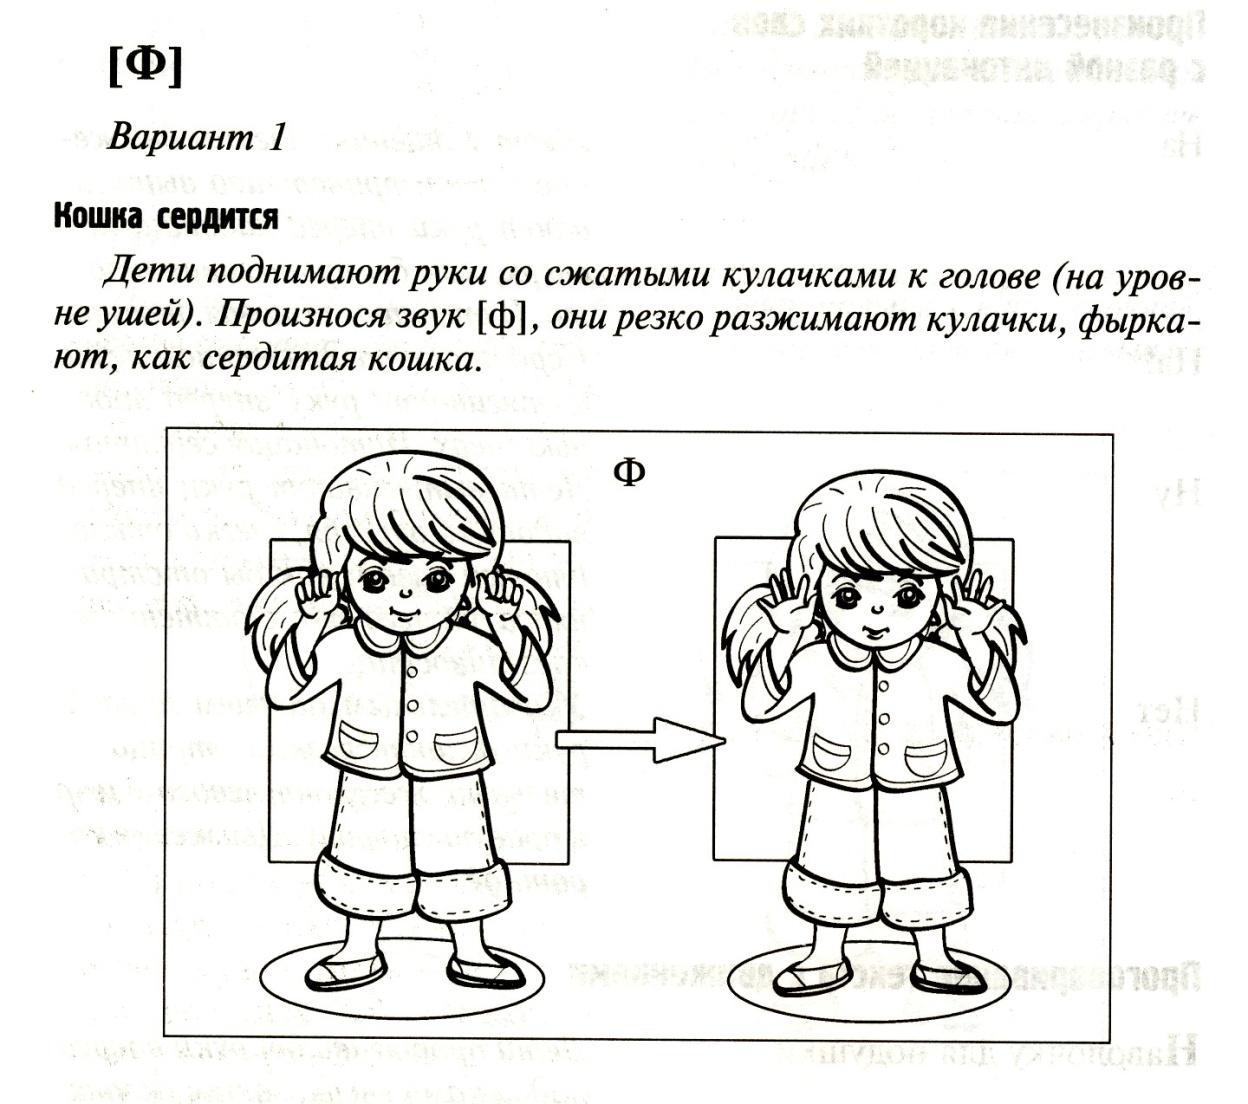 картинки для фонетических упражнений размахом отворила двери